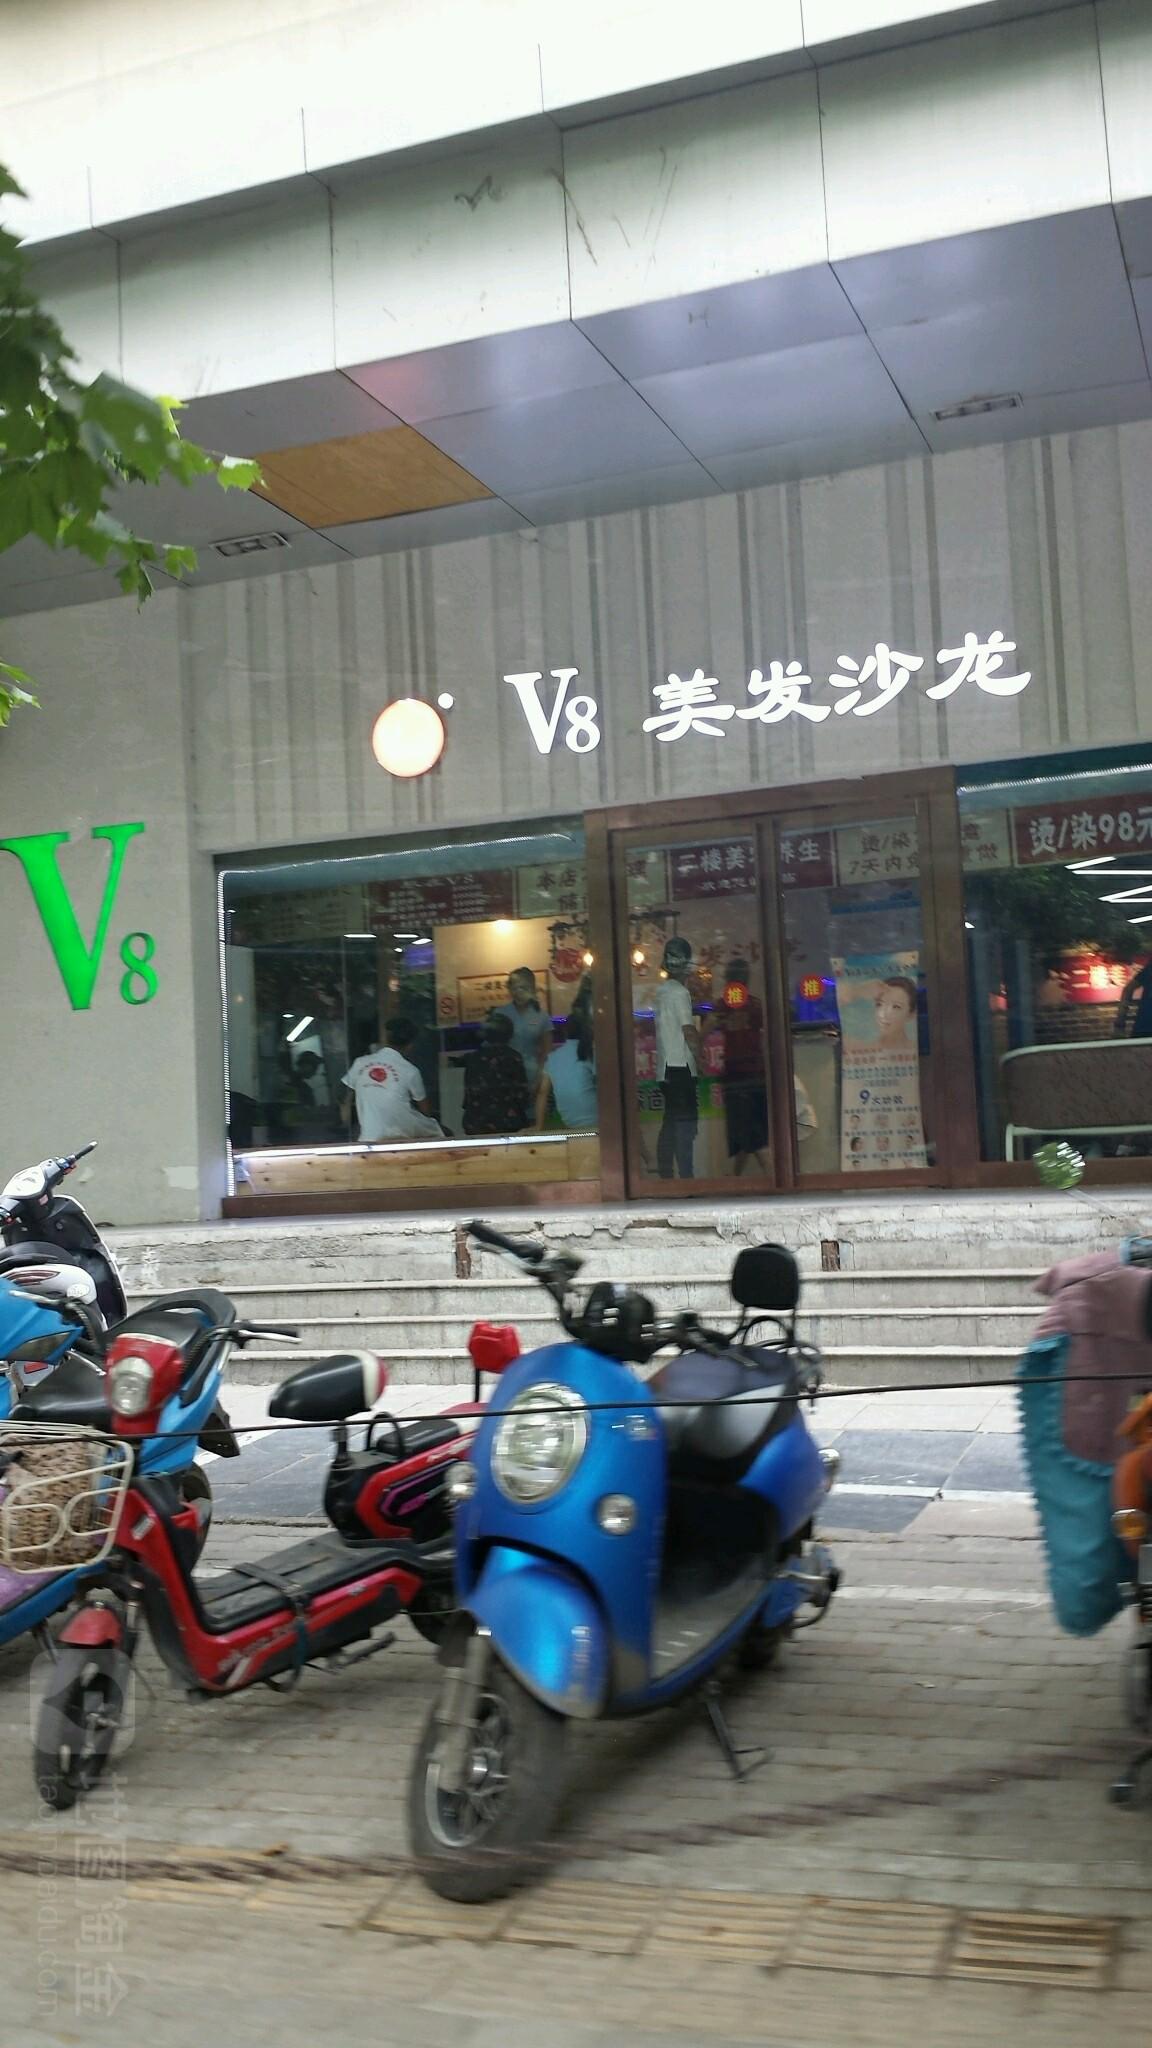 v8沙龙美发图片